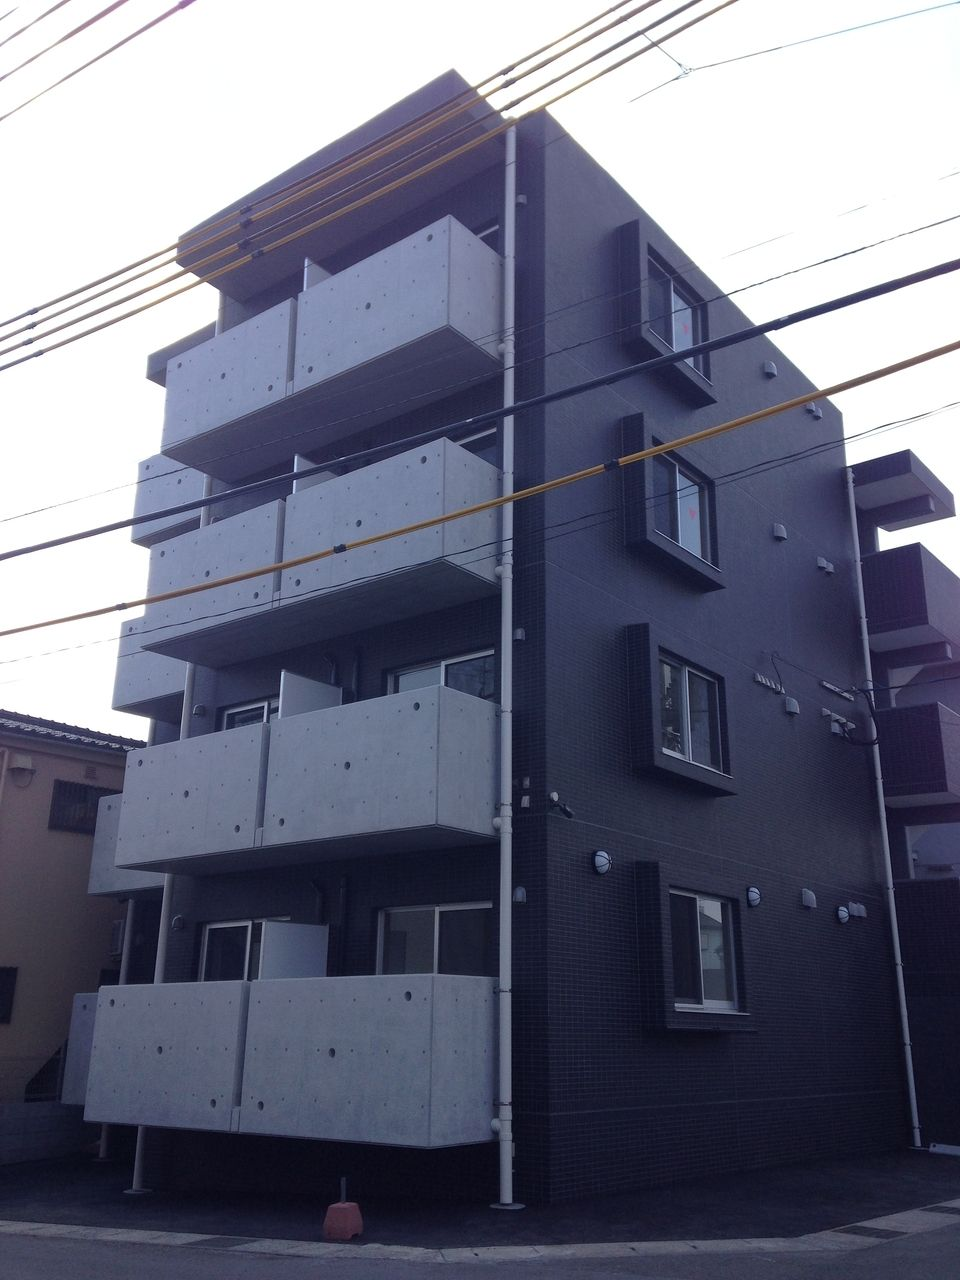 外観は総タイル張り。コンクリート打ちっぱなしも採用した格調高い仕様です